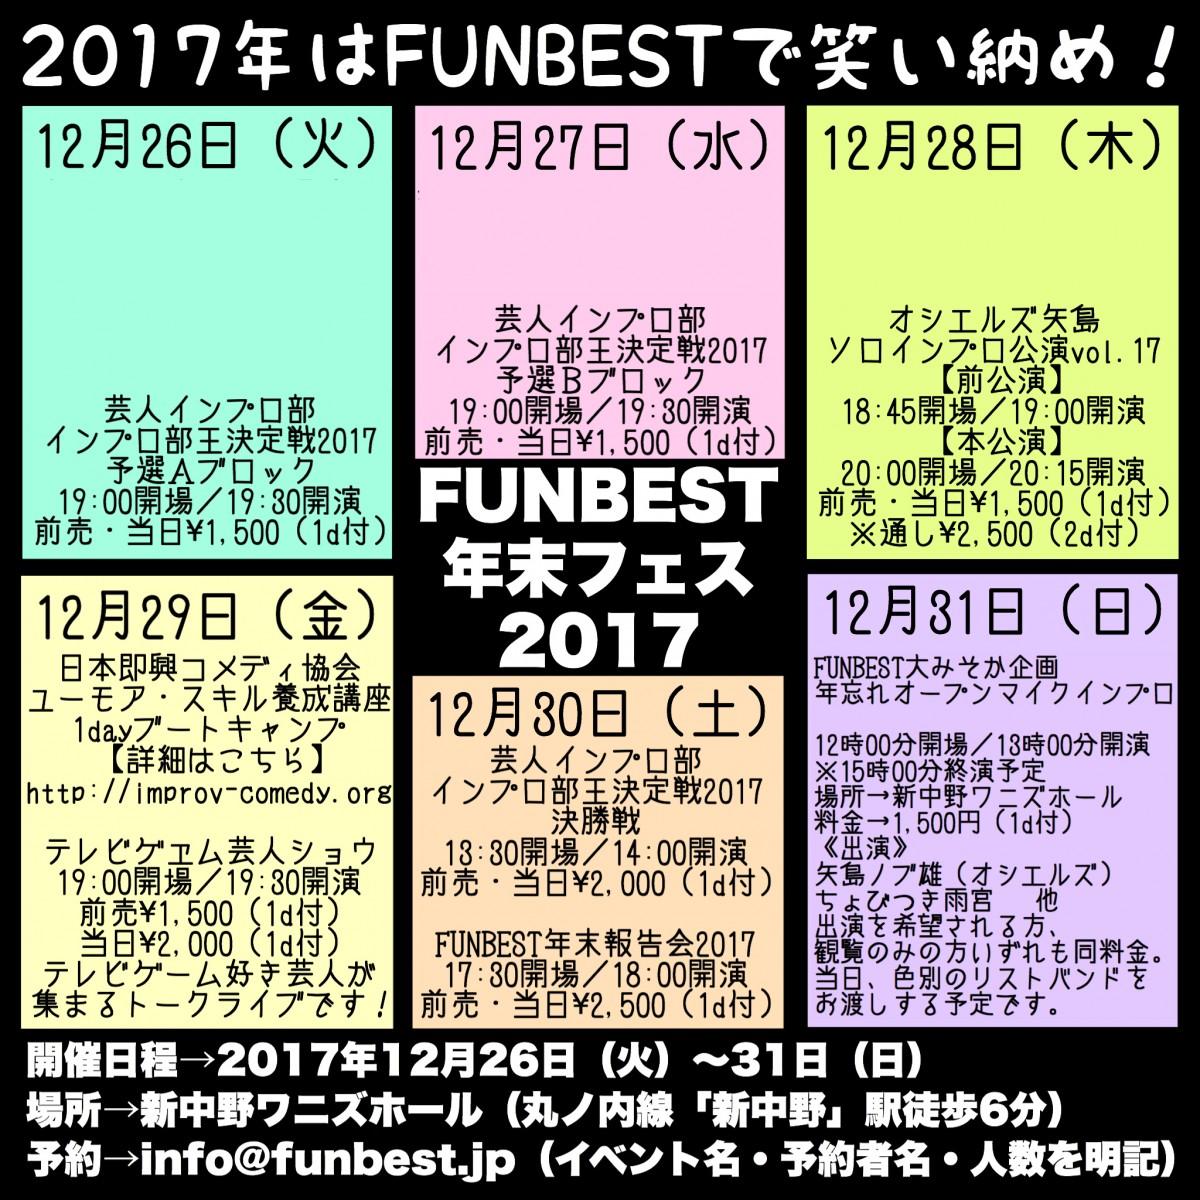 ファイル 2017-12-19 16 27 06